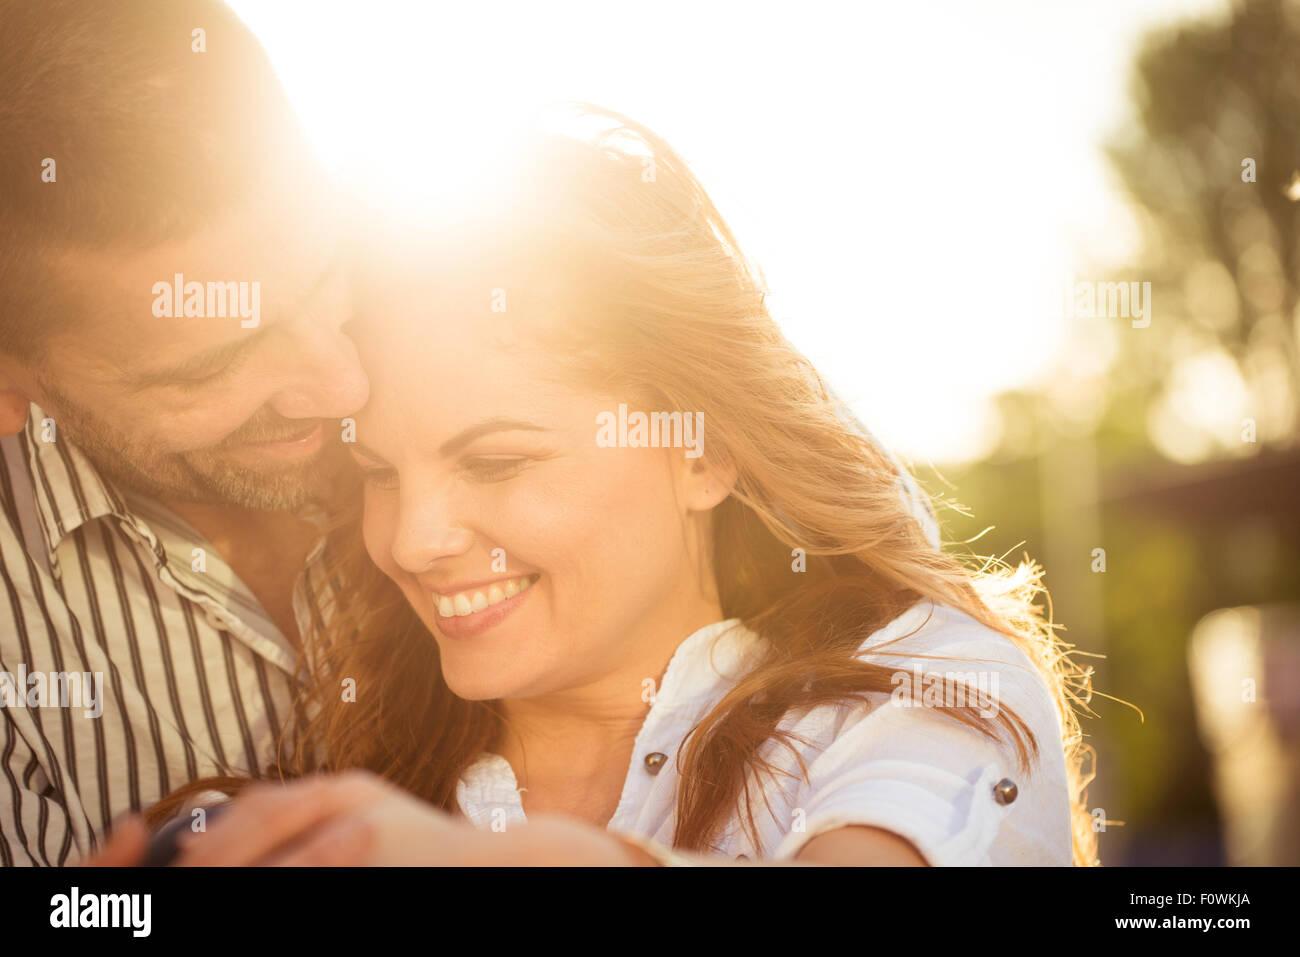 Feliz pareja teniendo mucho tiempo juntos - fotografiado al atardecer contra el sol Imagen De Stock